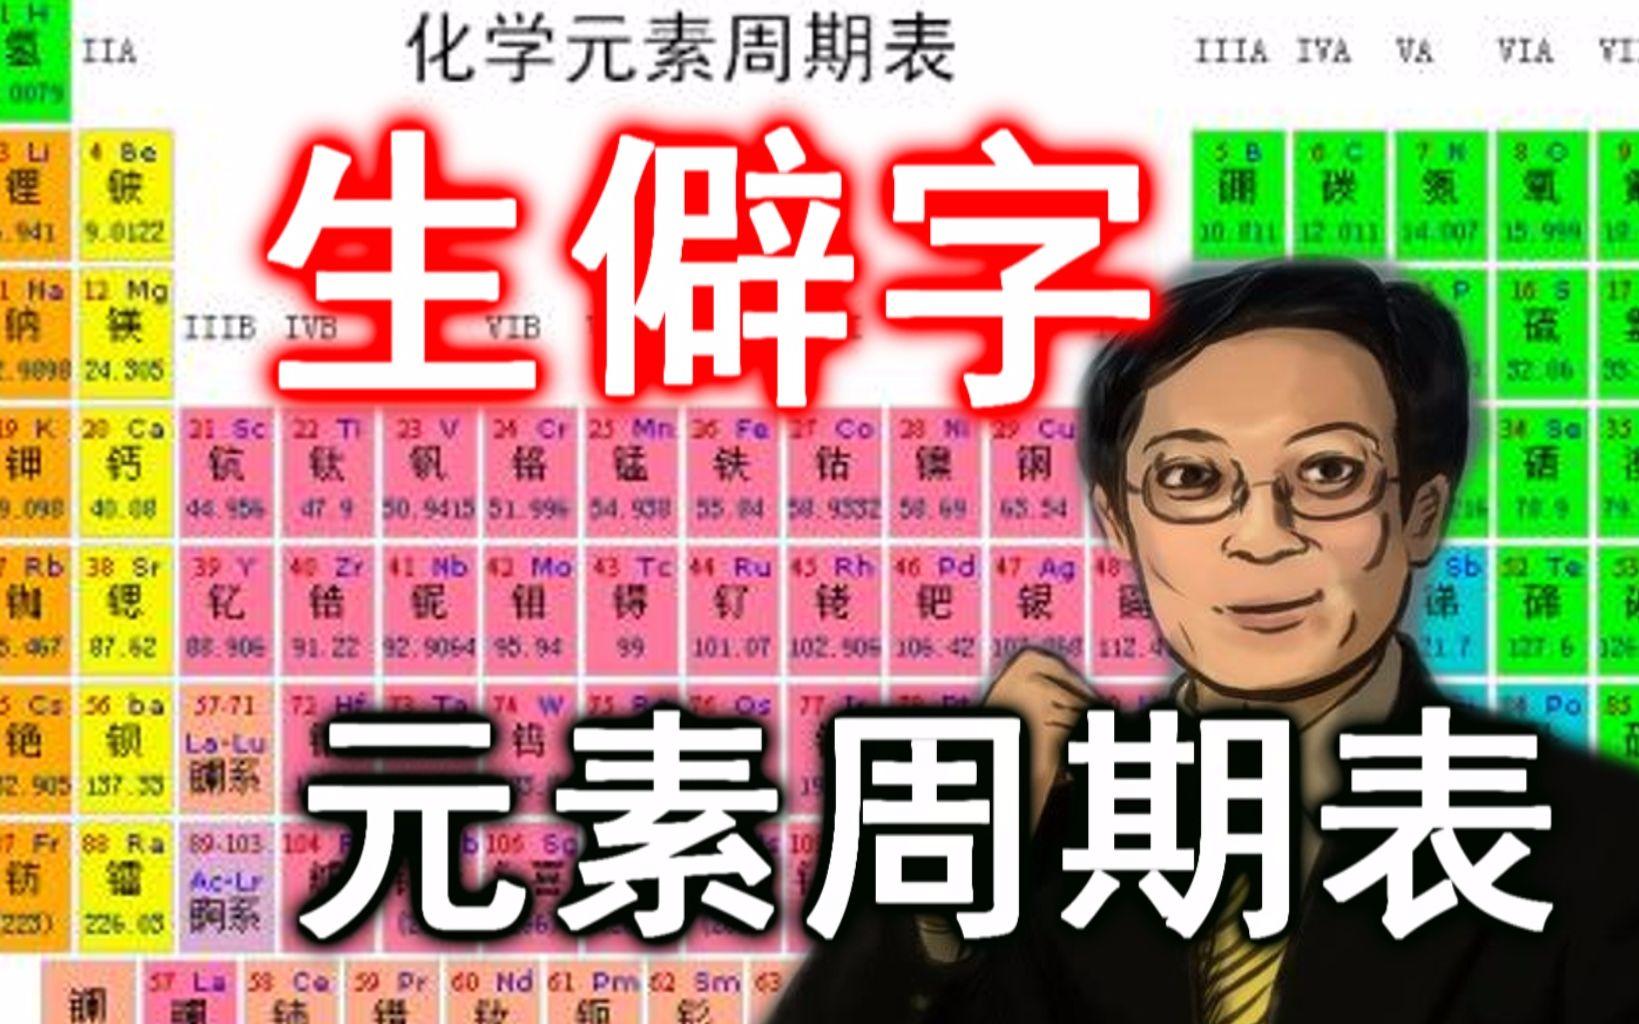 【生僻字】元素周期表